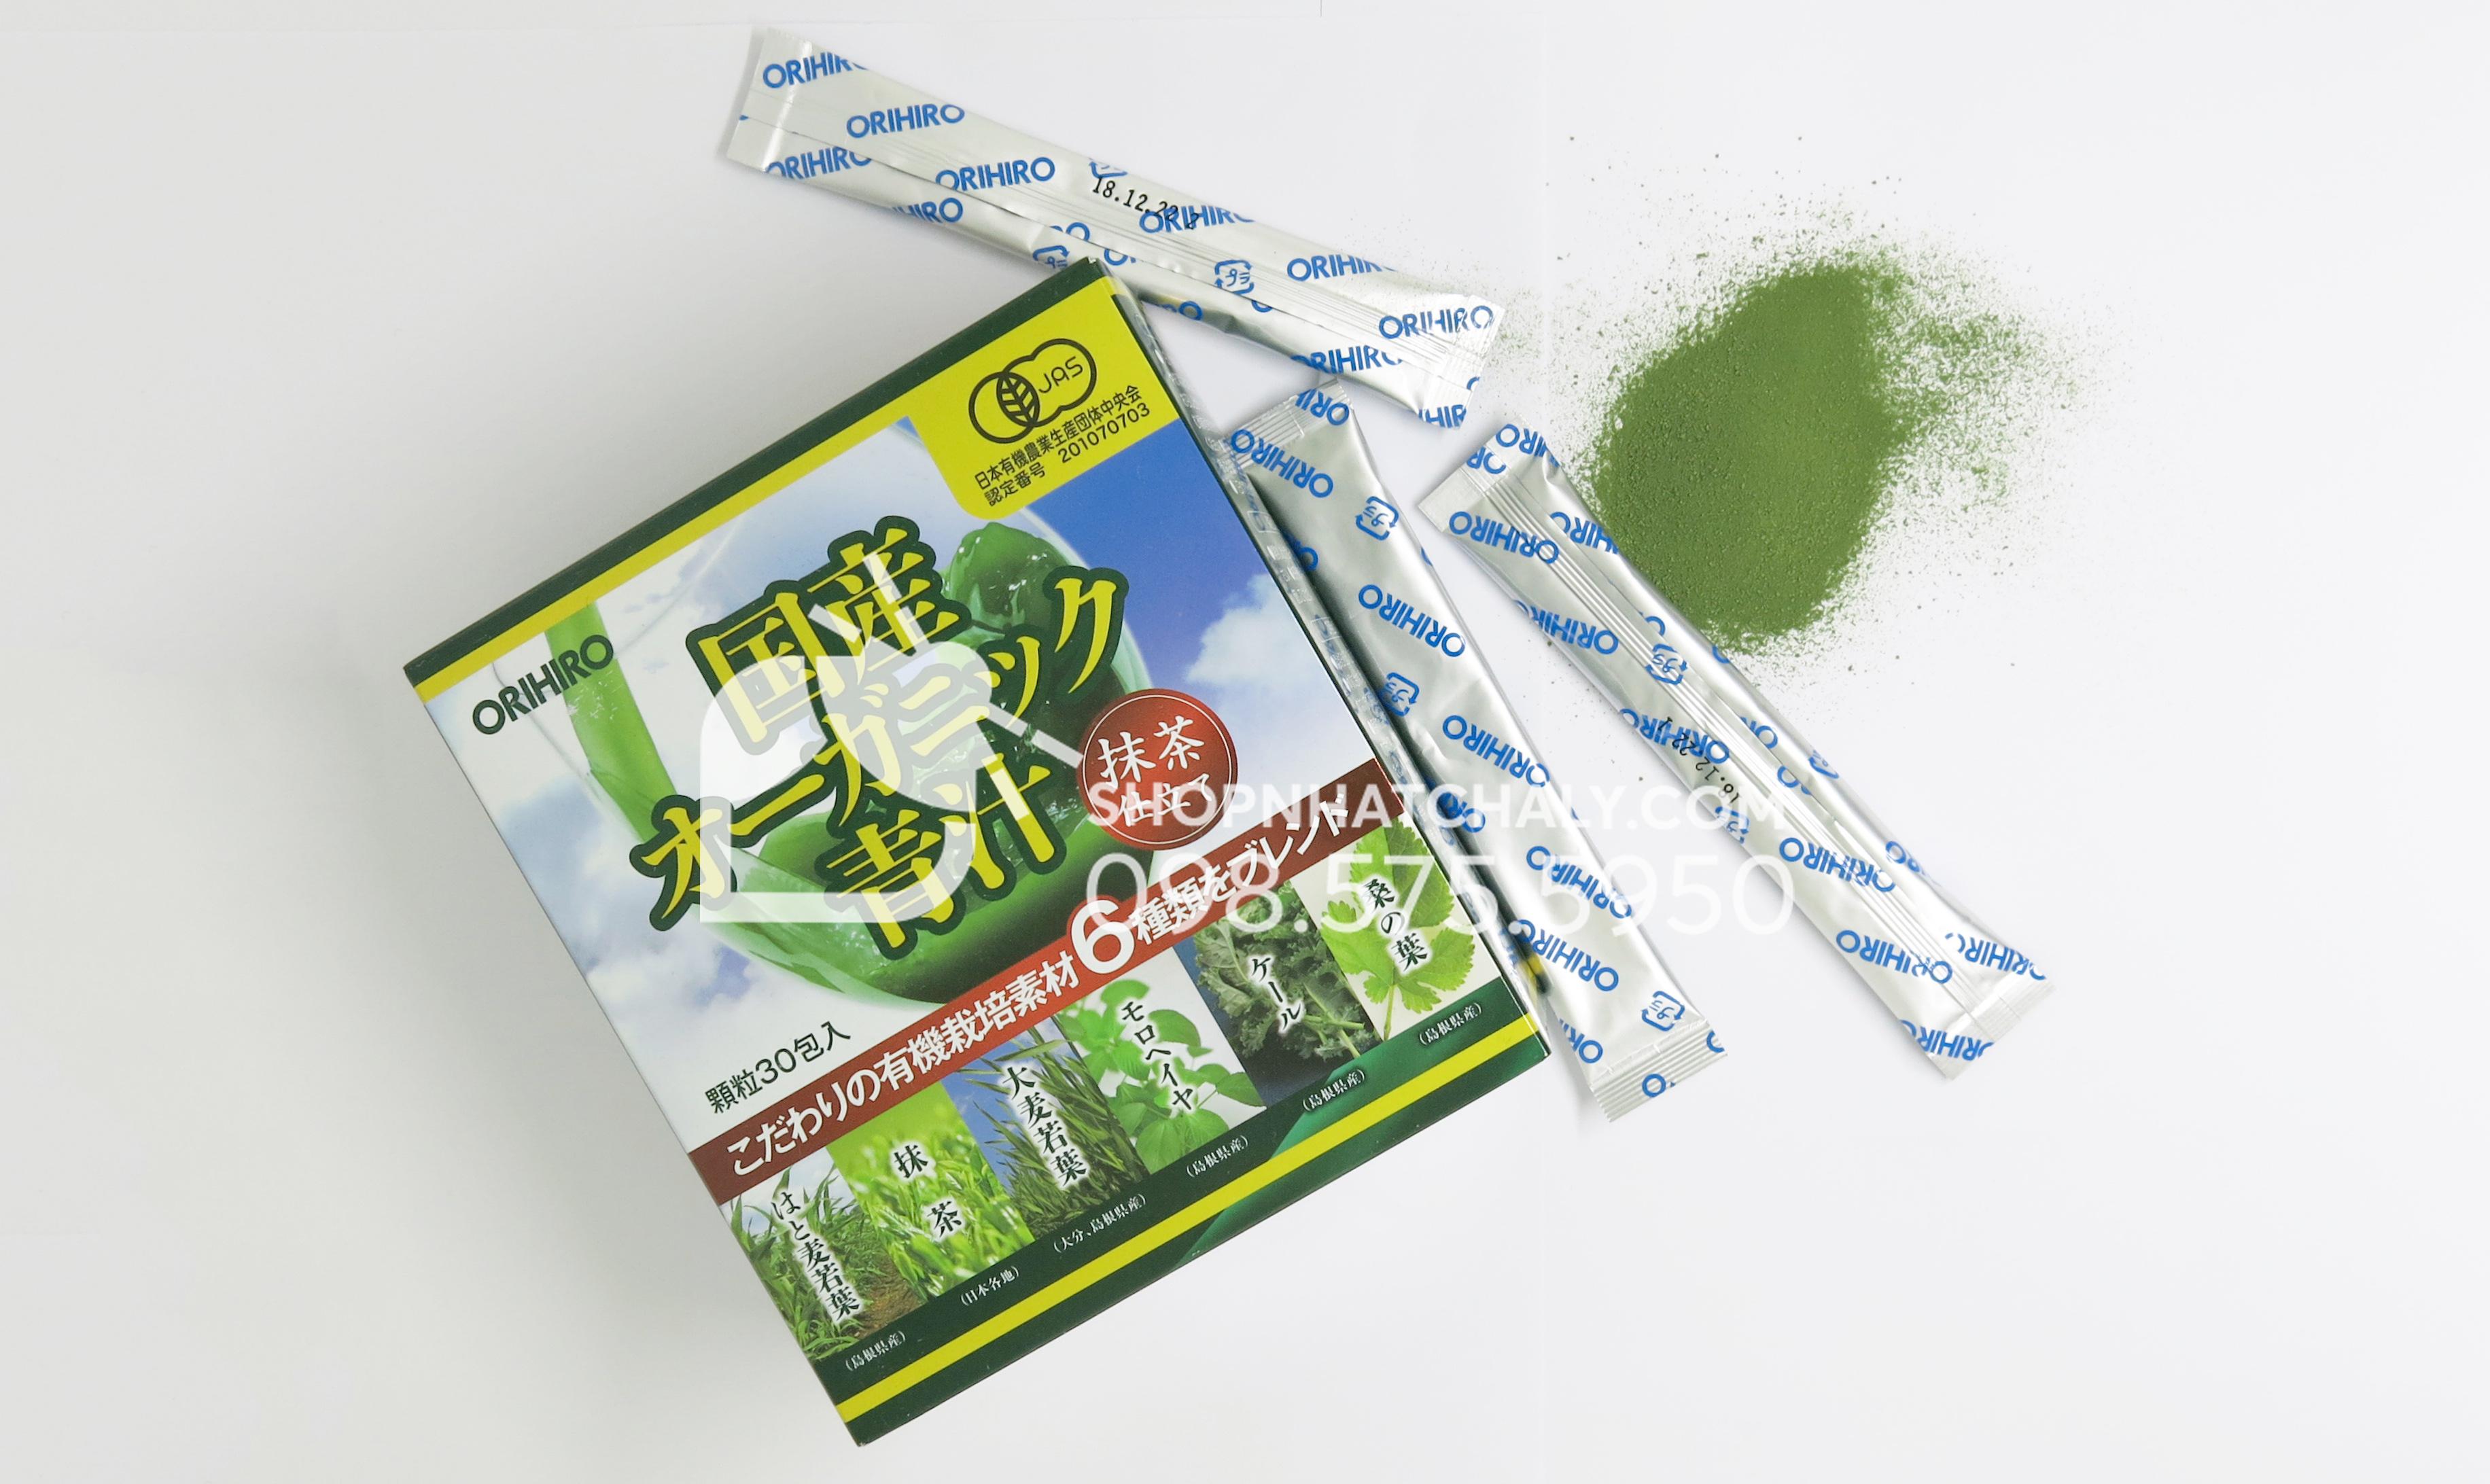 Bột rau xanh của Nhật Orihiro bột xanh rất mịn hòa tan nhanh với cả nước và sữa